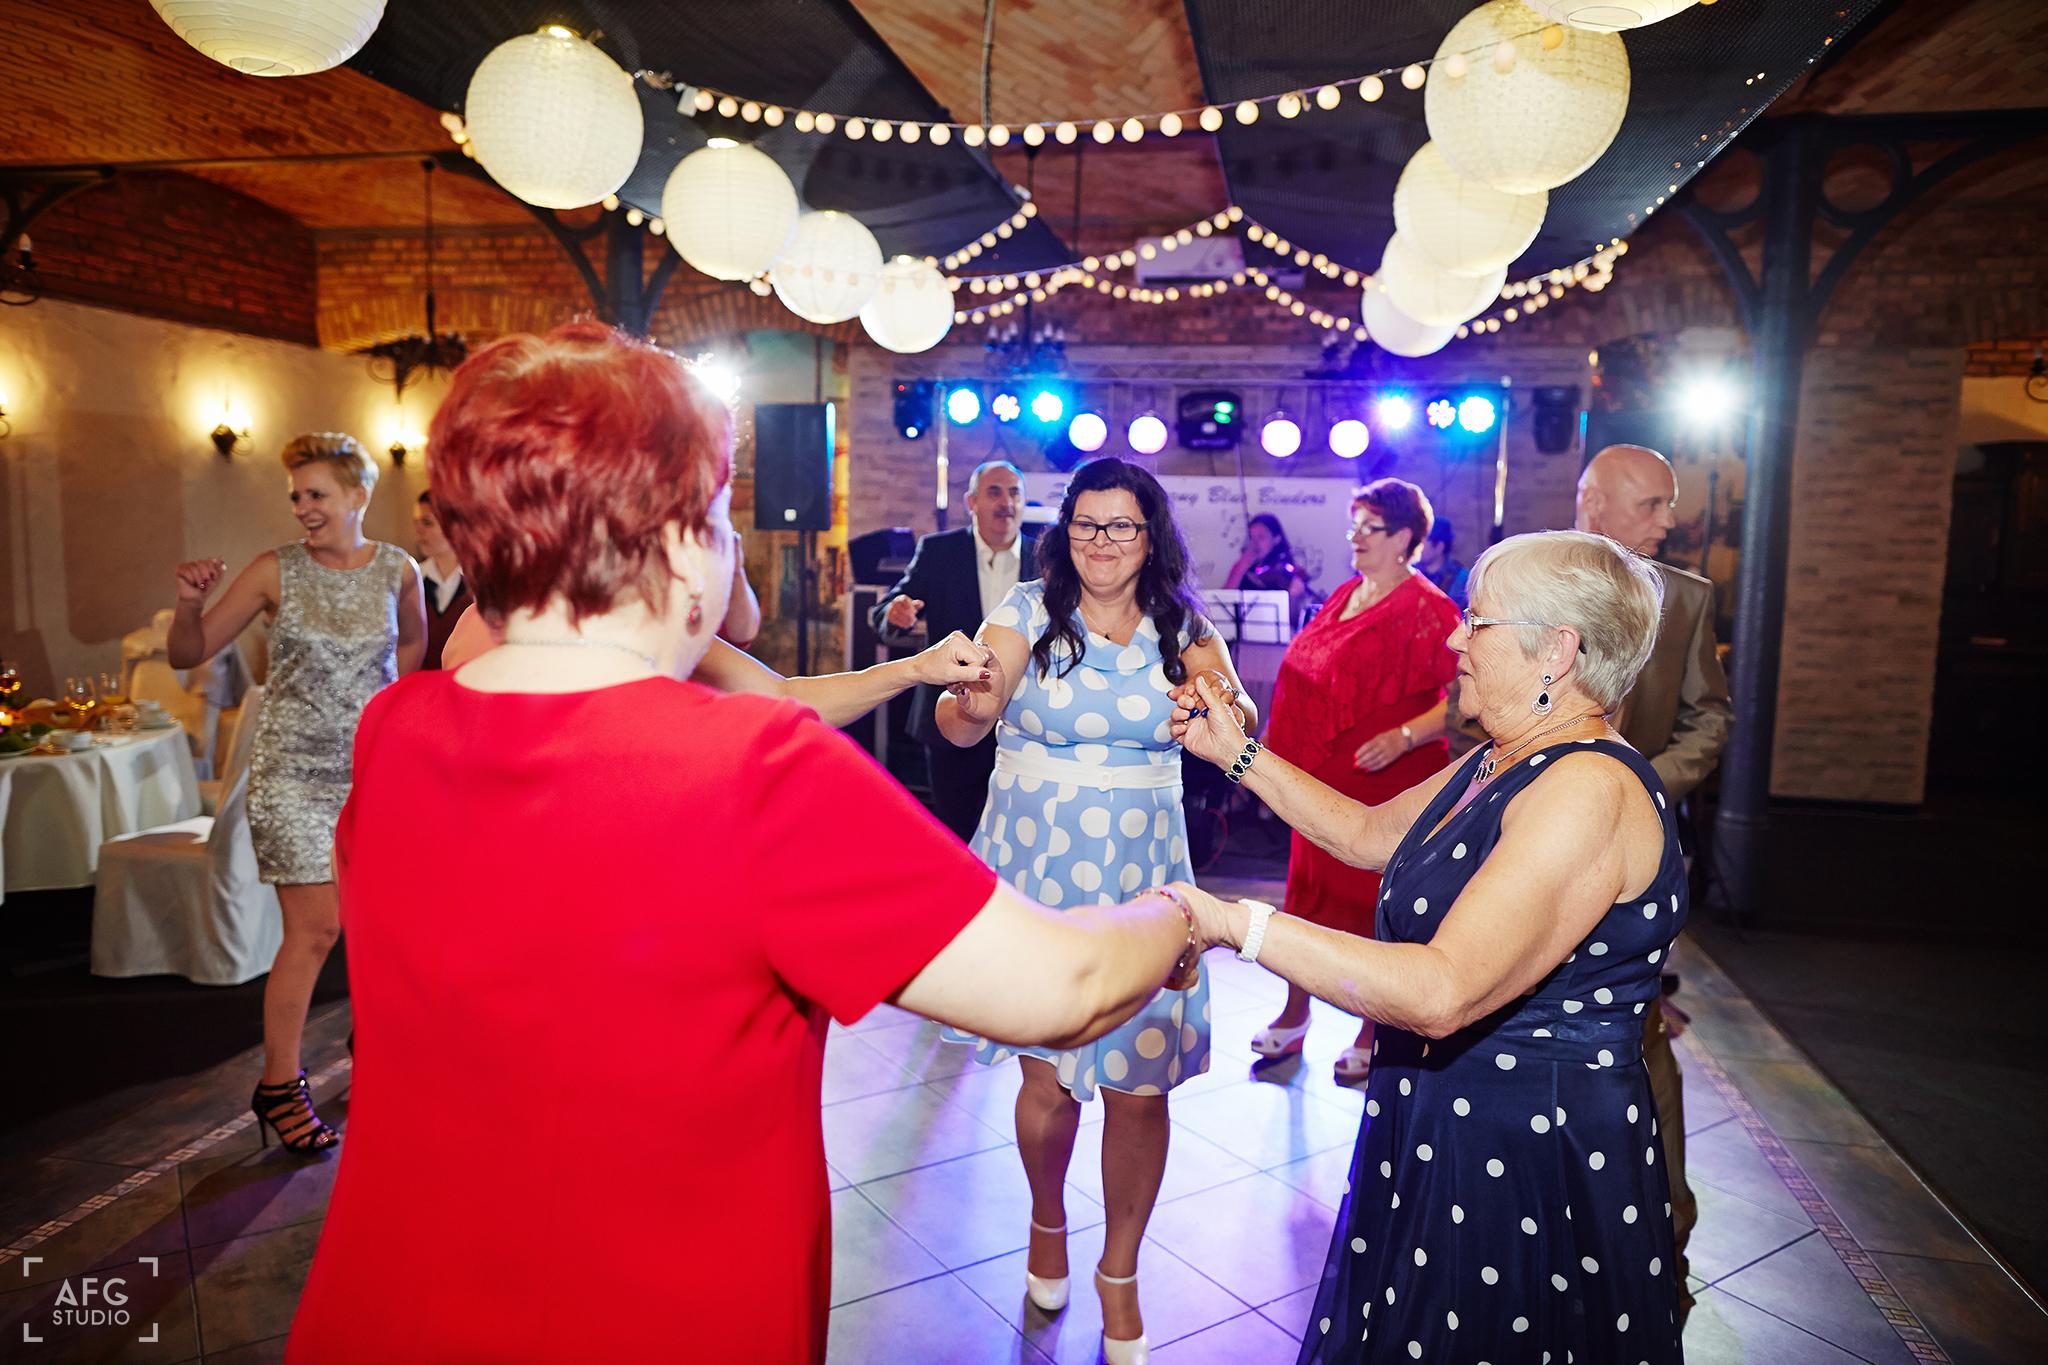 zabawa, wesele, goście weselni